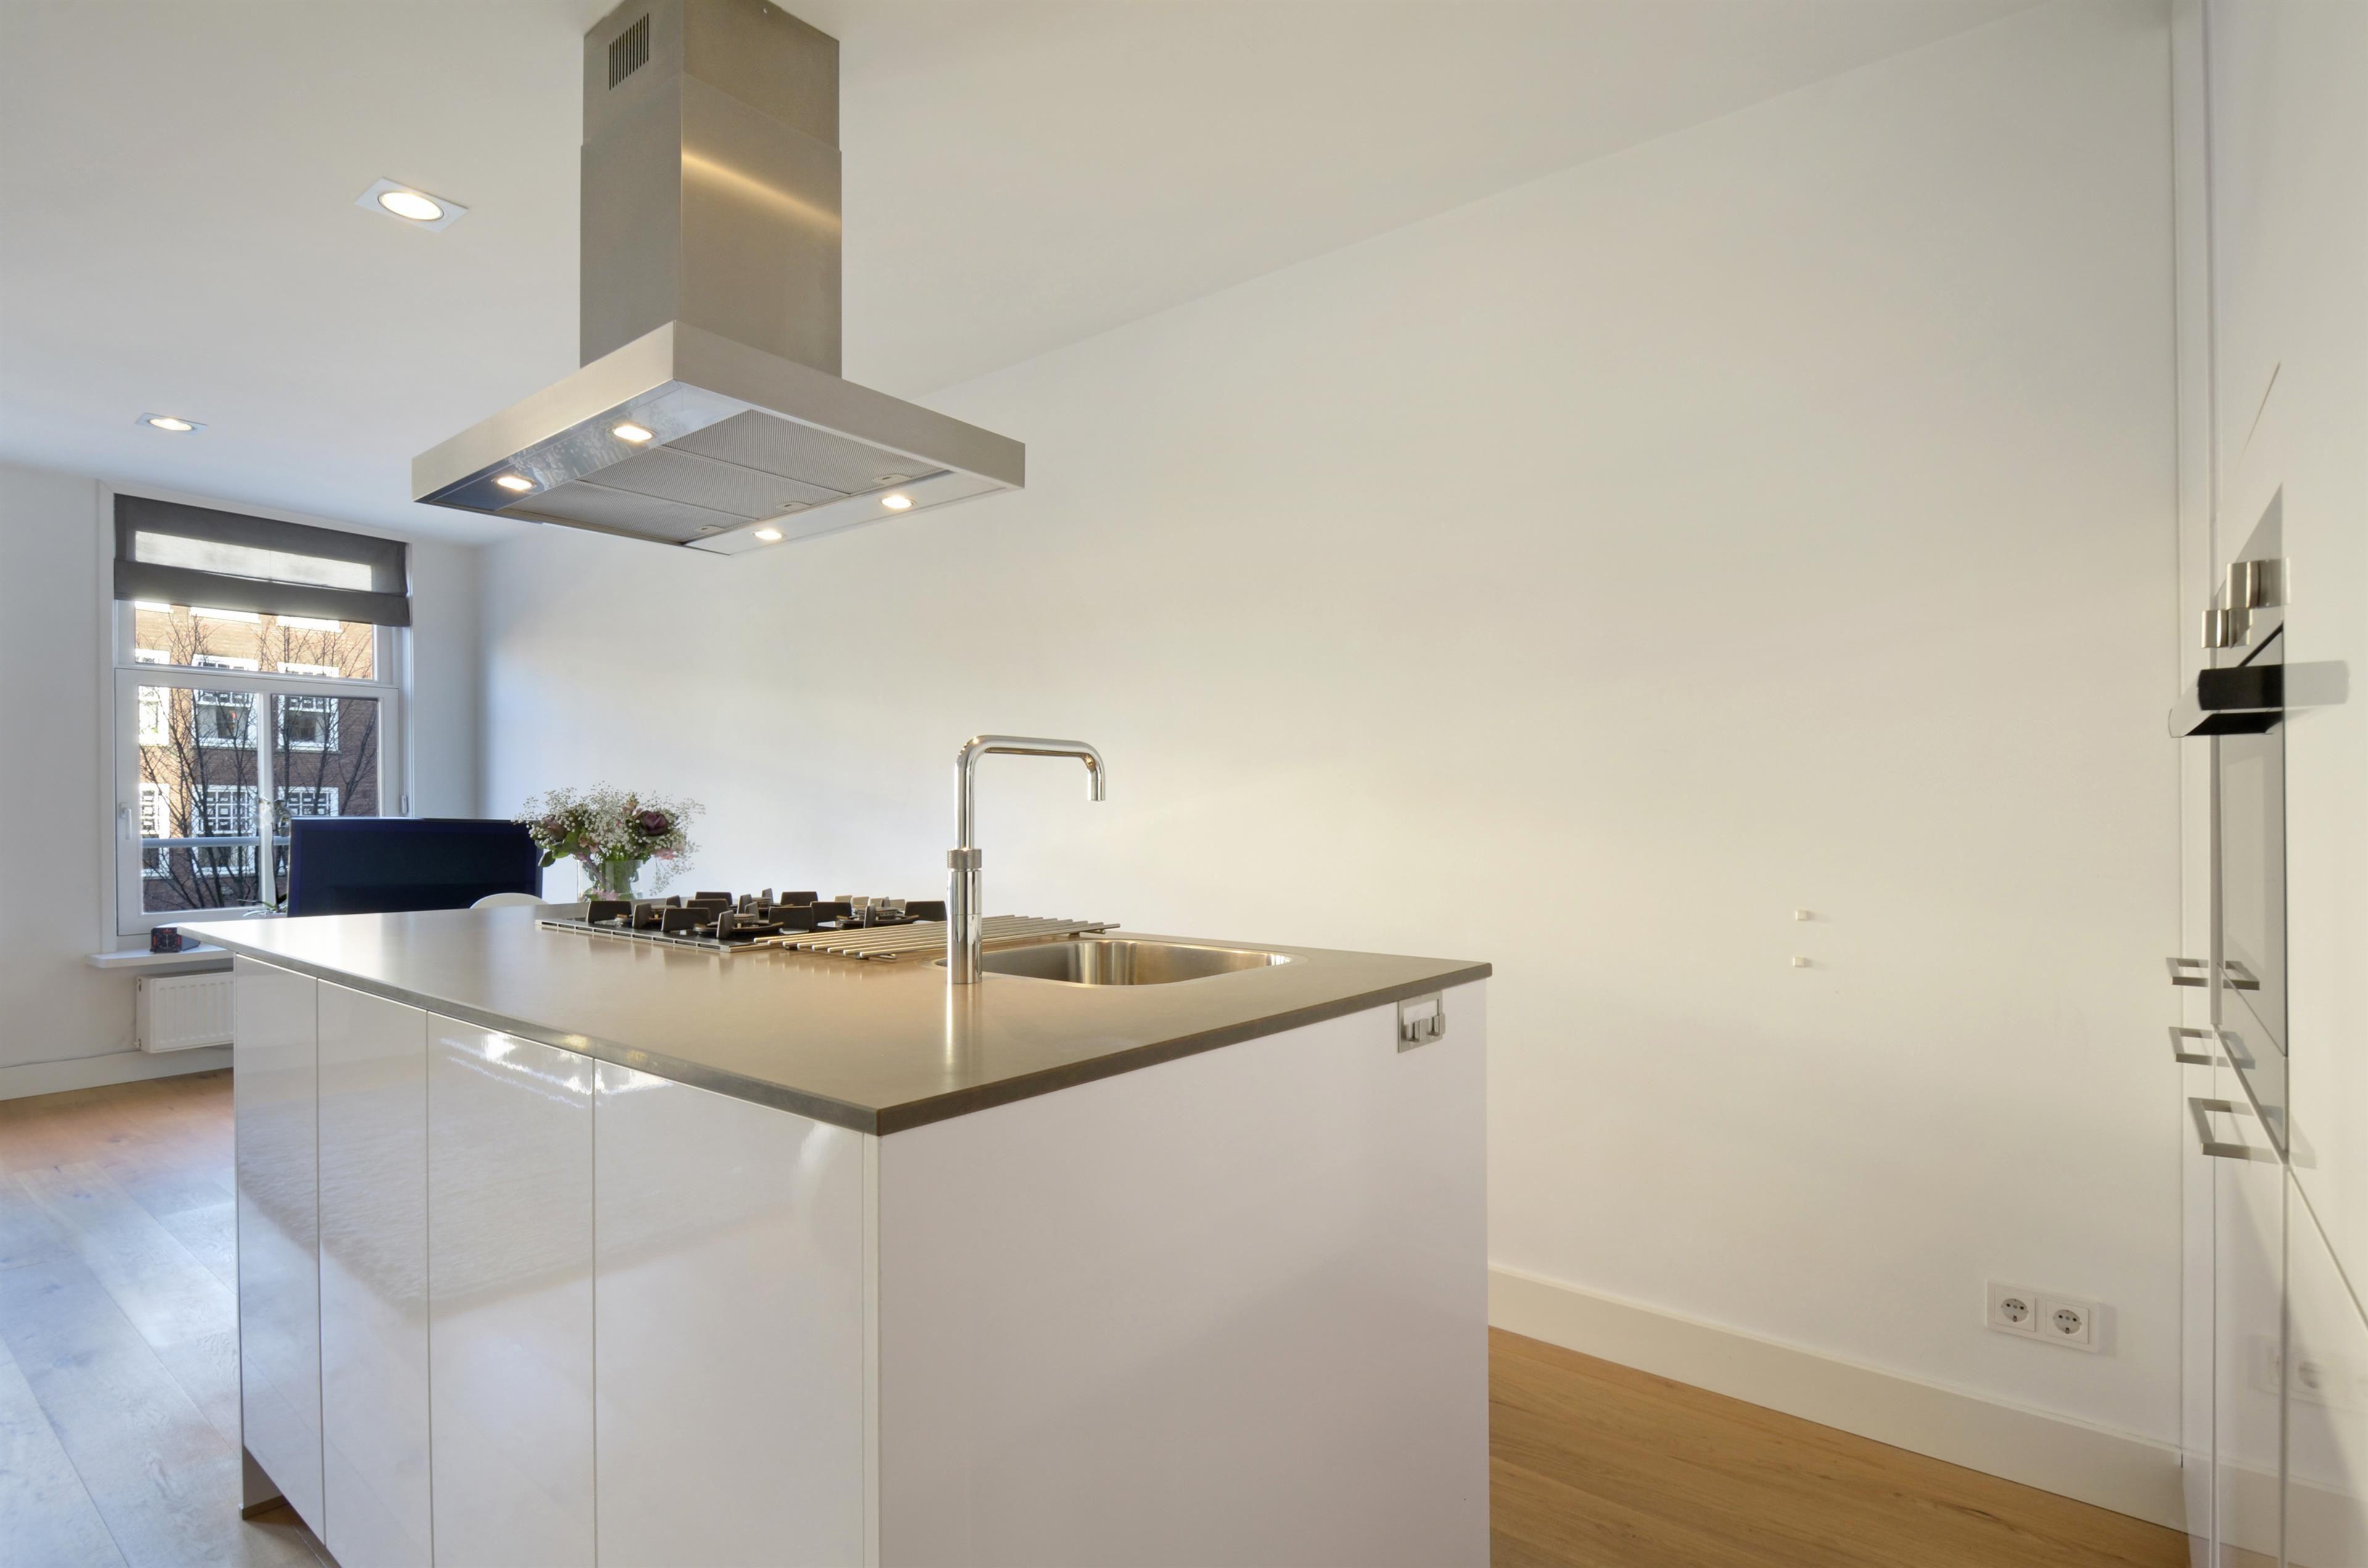 Ongebruikt Prachtige, strakke keuken met kookeiland en kastenwand. Ook in een GD-44